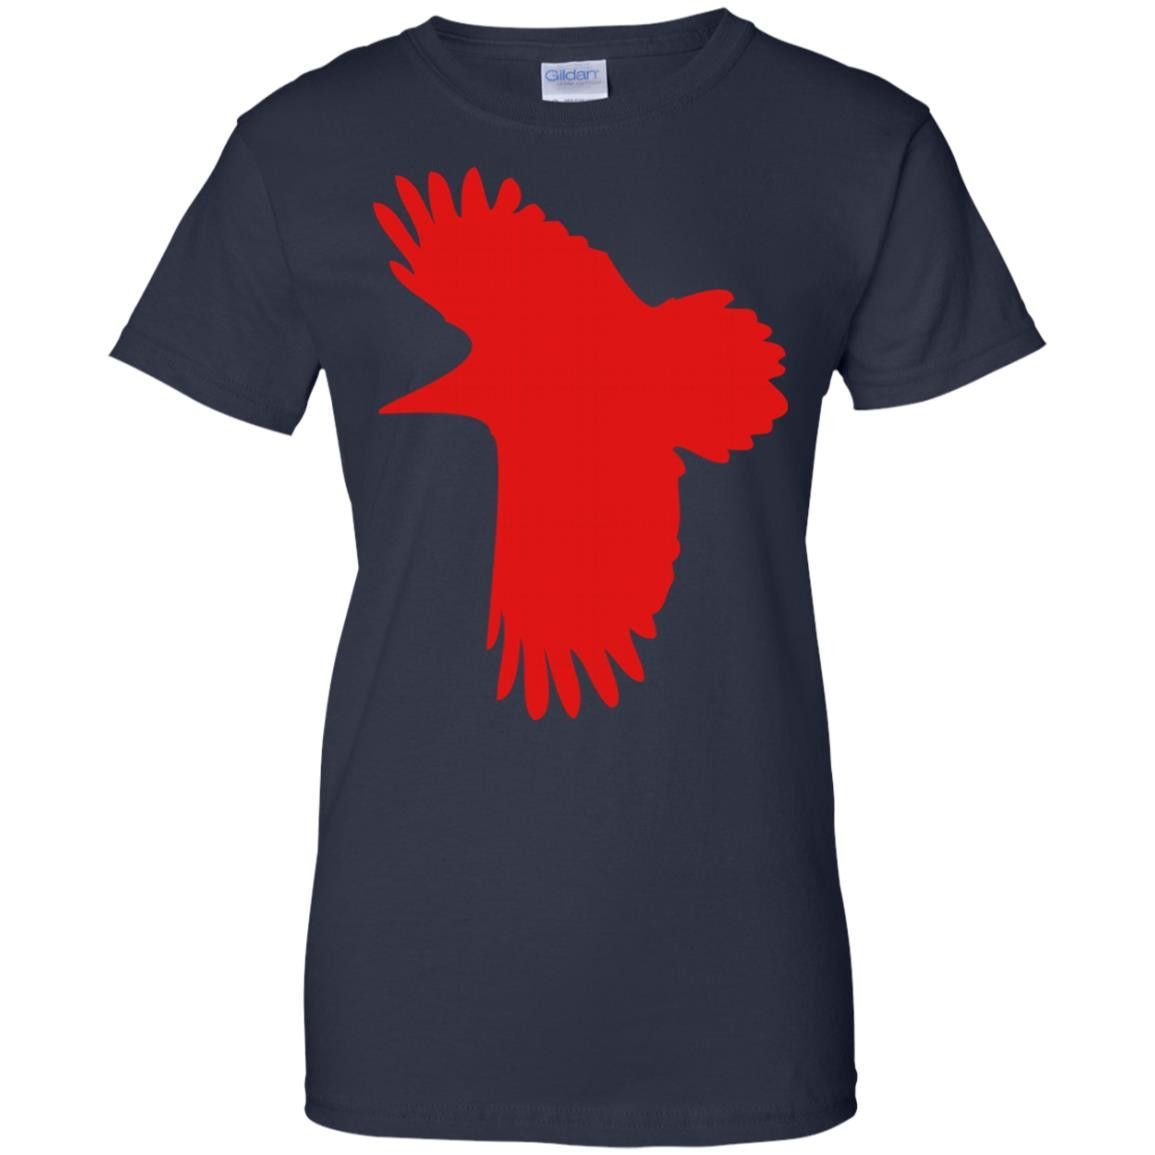 1 COLOR RAVEN MYSTICAL CROWS FLYING BIRDS G200L Gildan Ladies' 100% Cotton T-Shirt